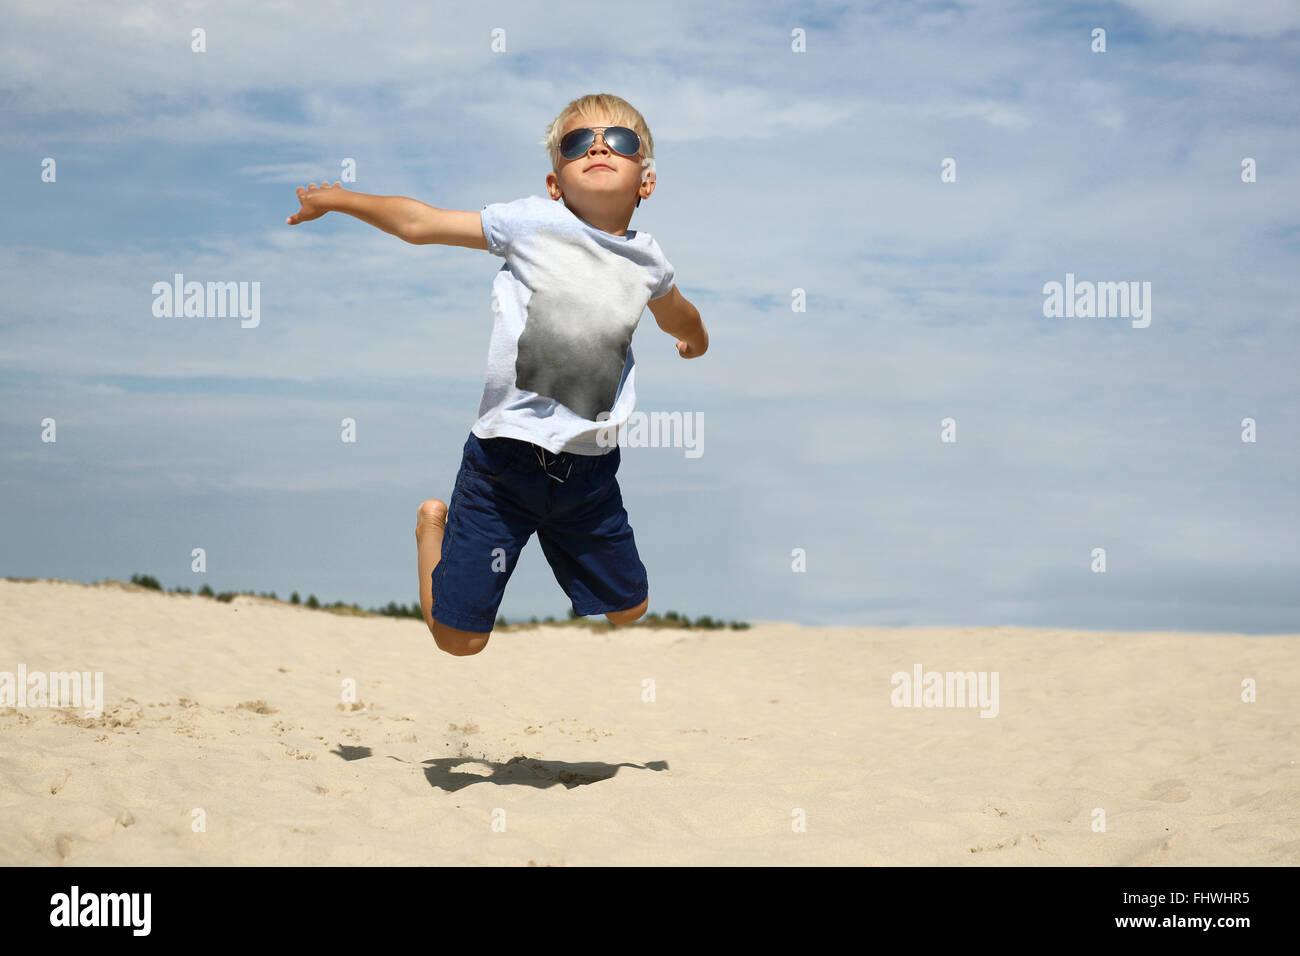 Posso Volare! Il ragazzo salta in alto sulla spiaggia sabbiosa. Vacanza! Immagini Stock